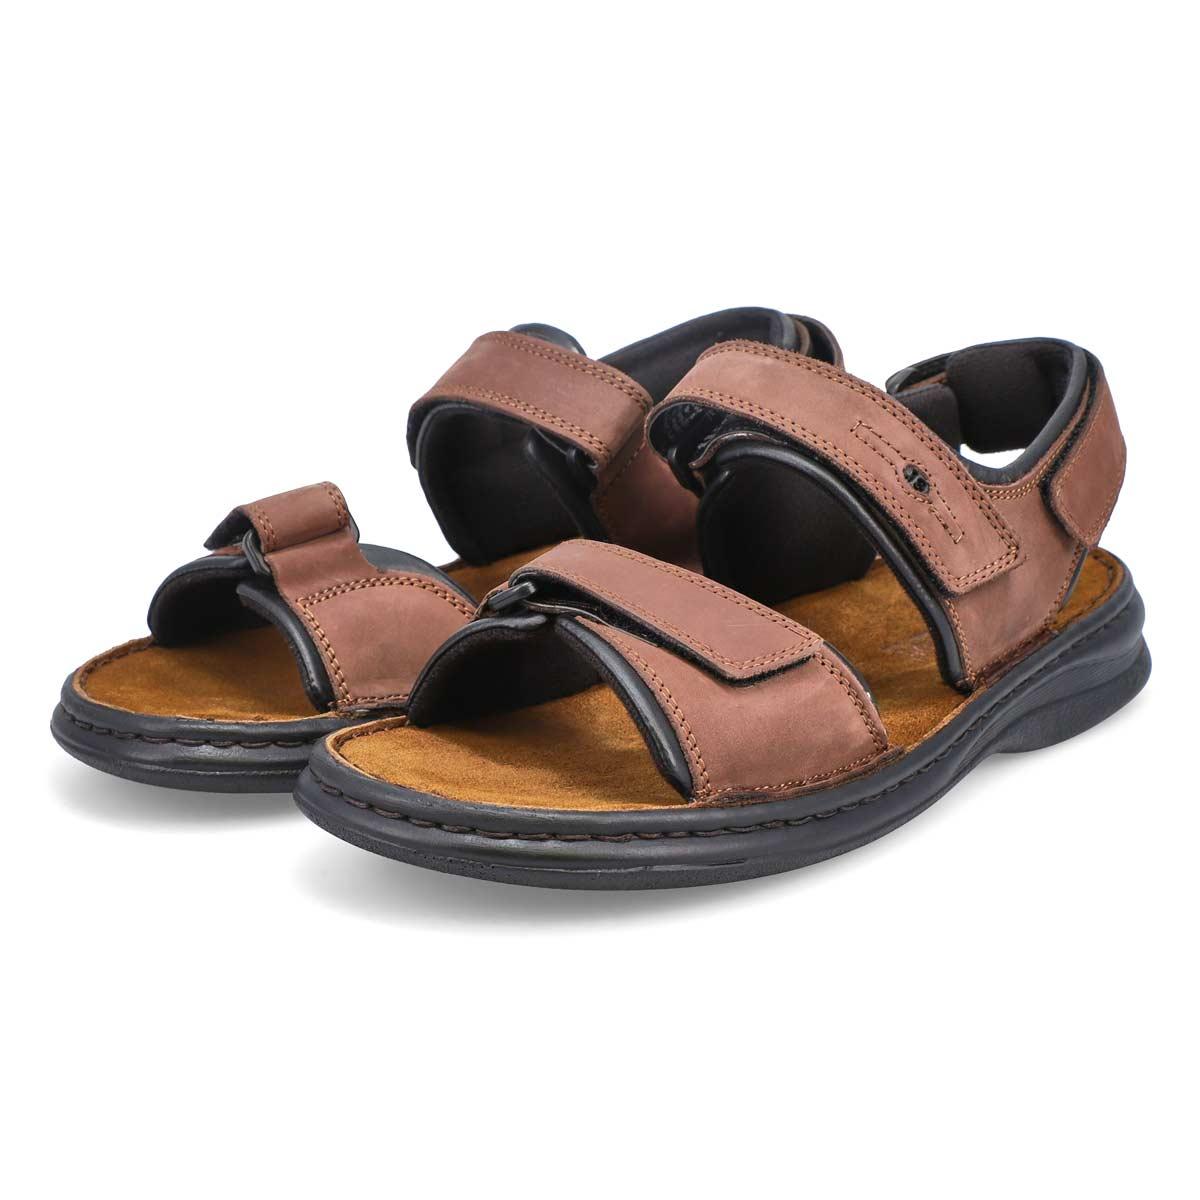 Sandales décontractées RAFE, brun, hommes